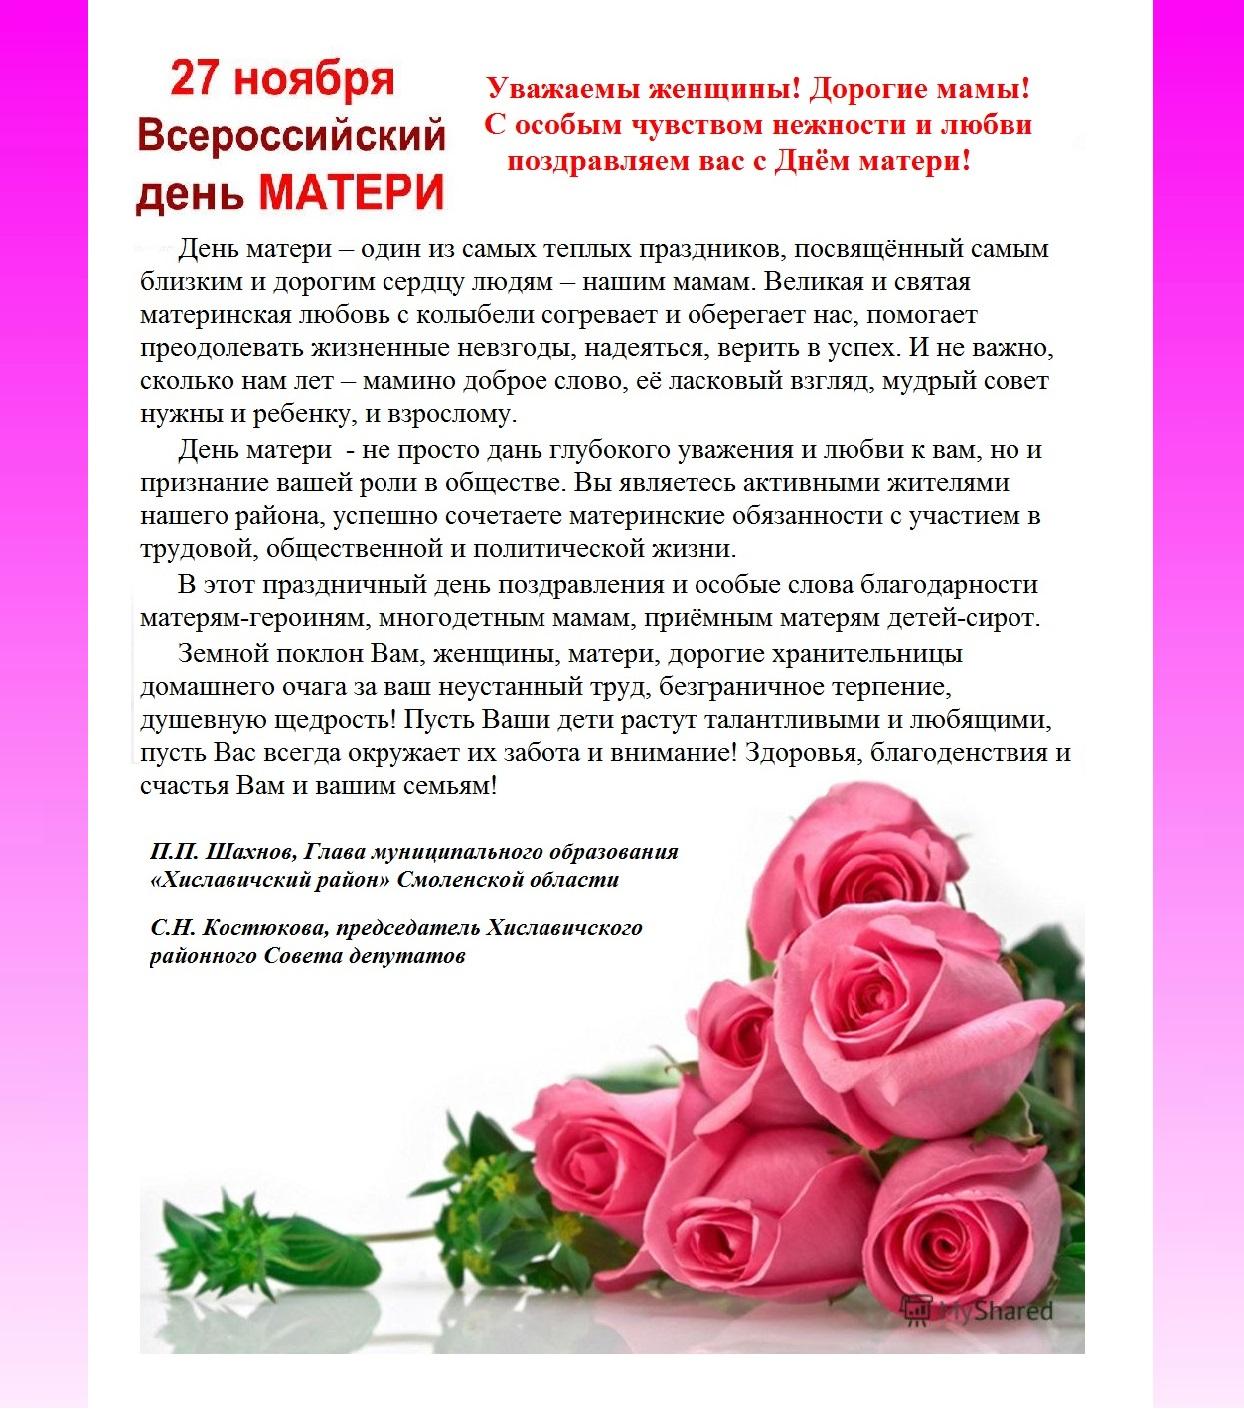 Поздравление многодетных матерях